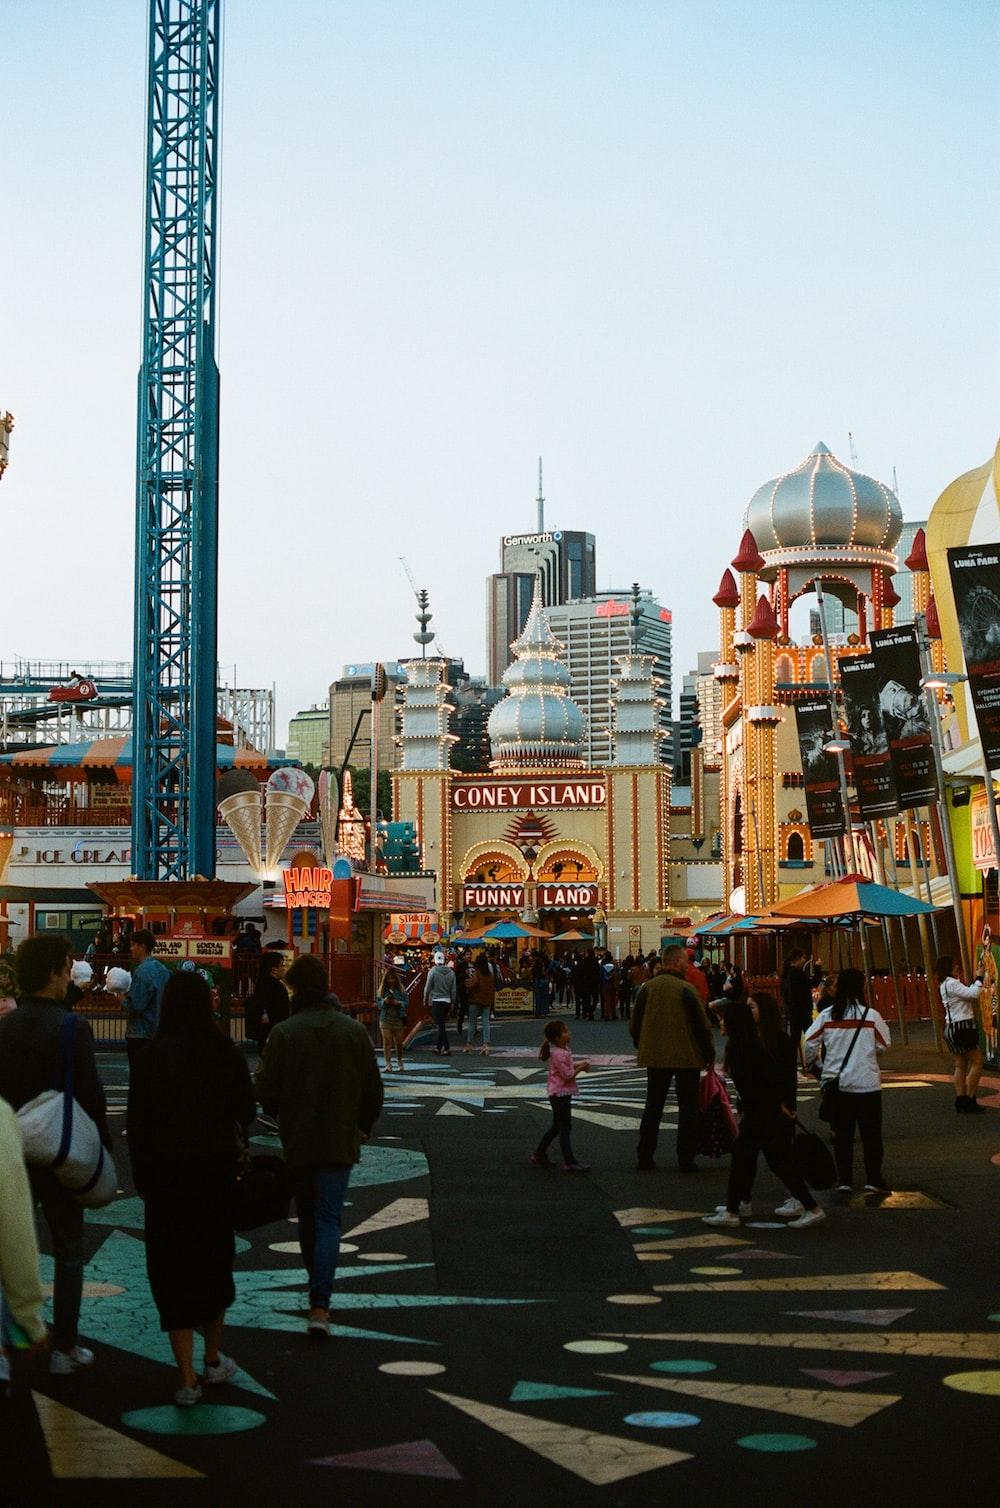 people walking near amusement park during daytime